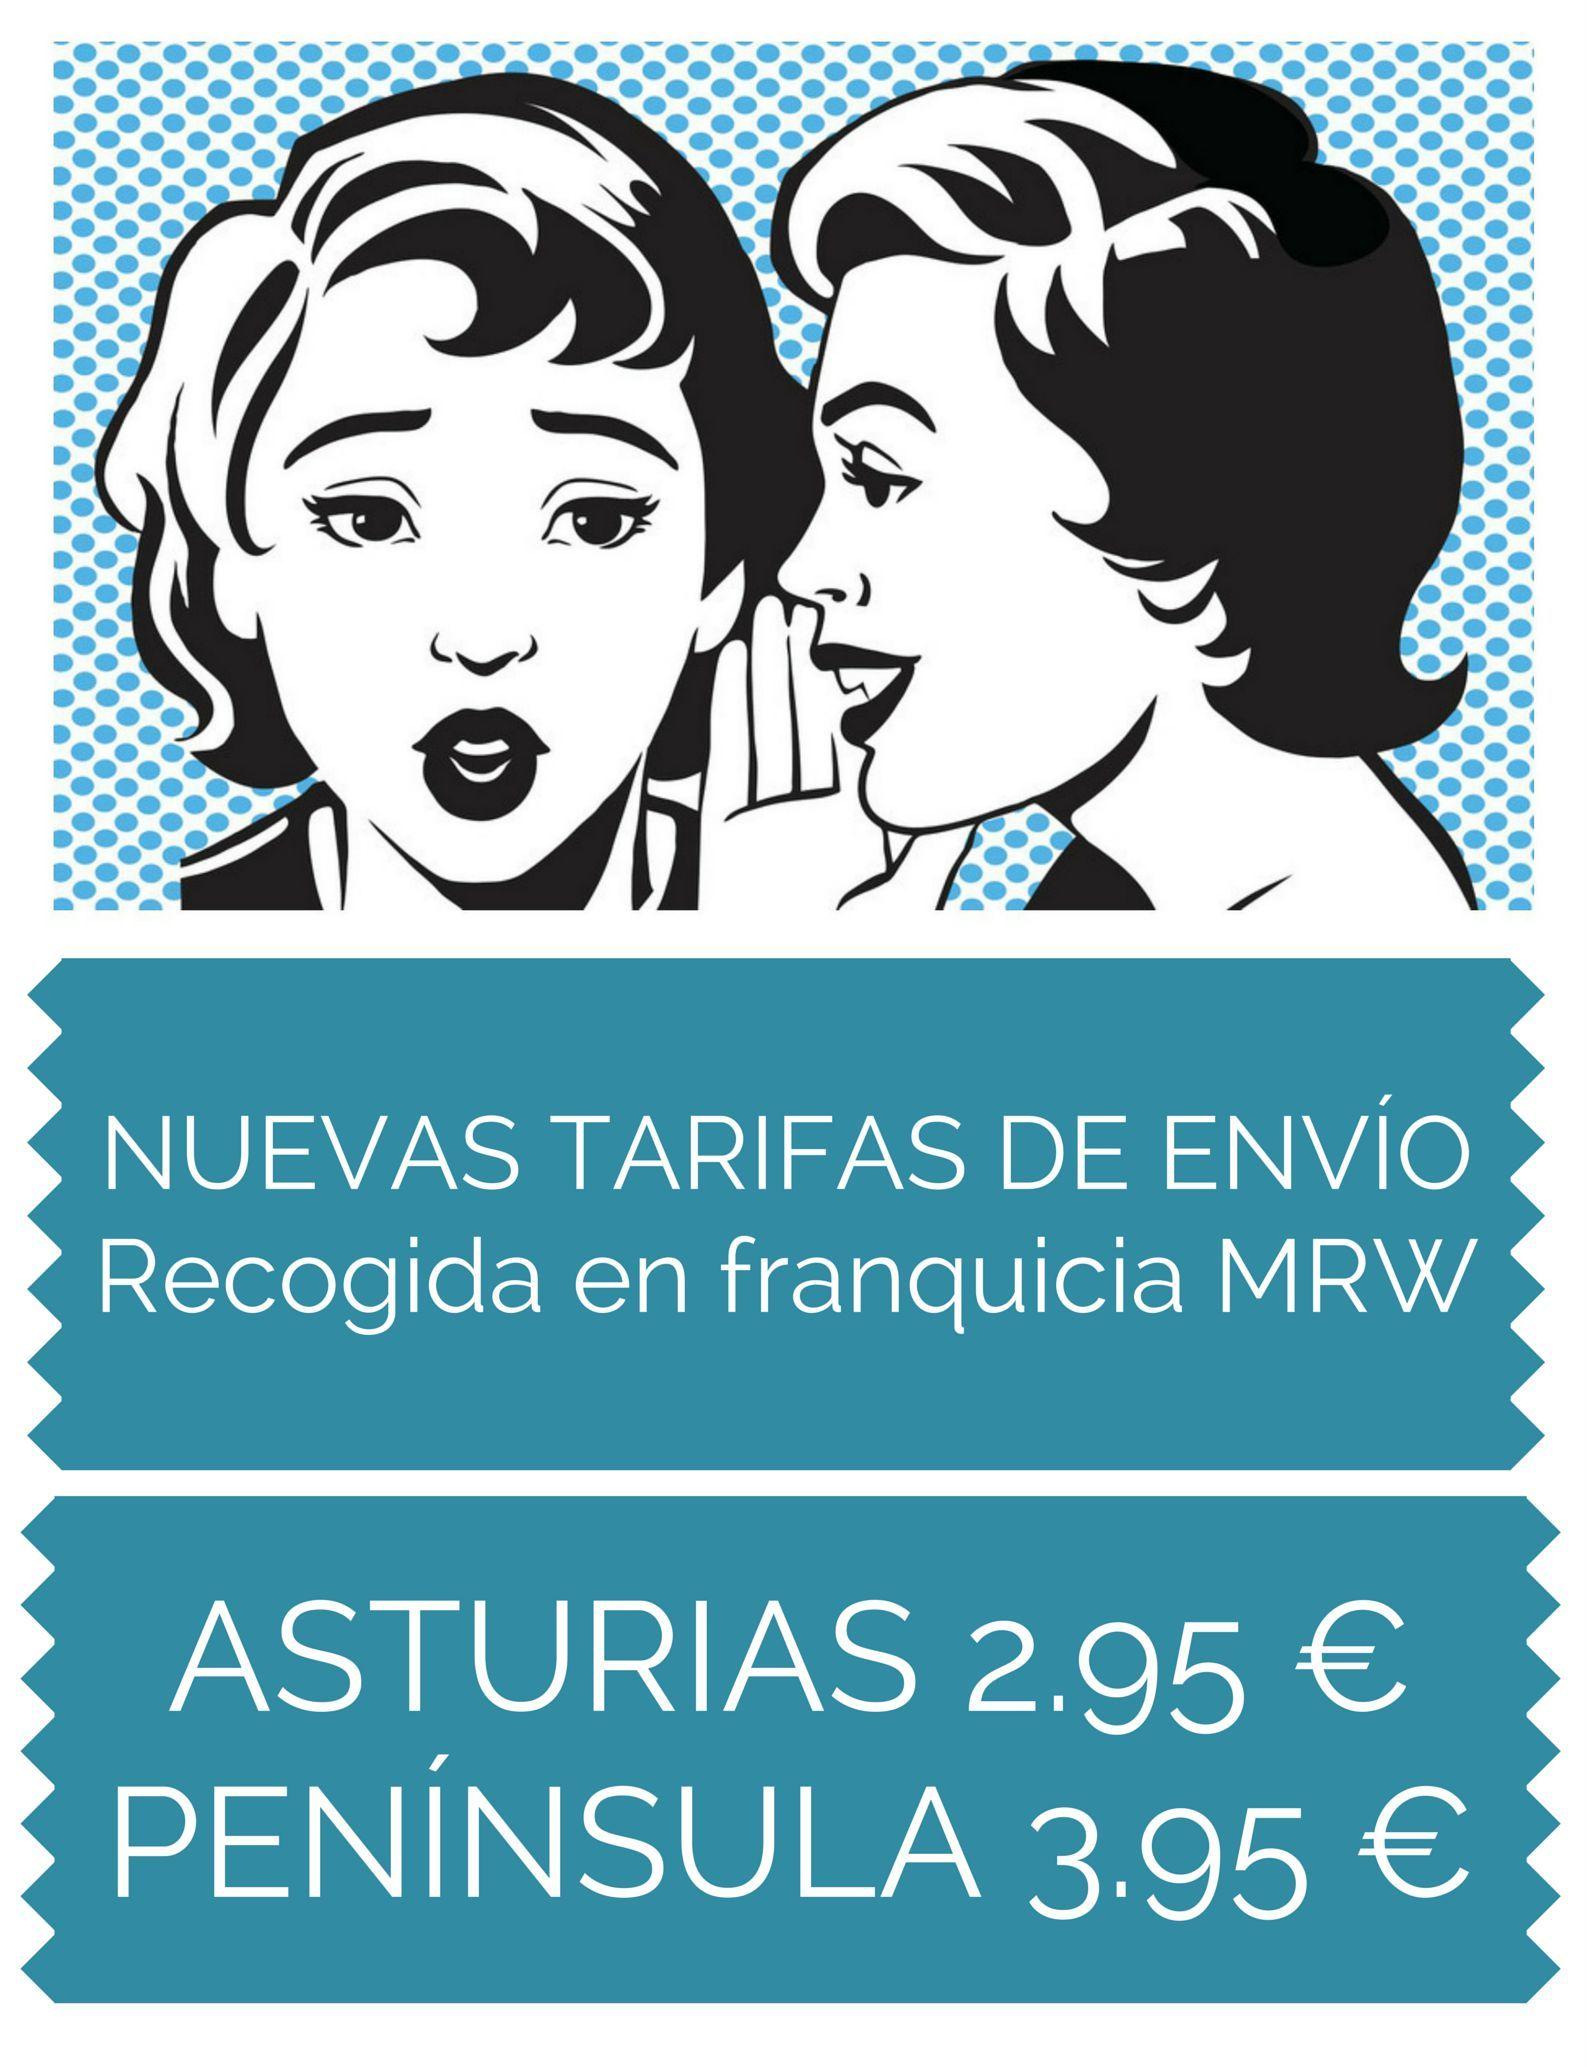 ¡¡NOVEDAD!! Desde hoy disponibles nuevas tarifas de envío con MRW para recoger en la oficina más cercana a tu destino.  Tarifa para Asturias: 2.95 €, resto península: 3.95 €.